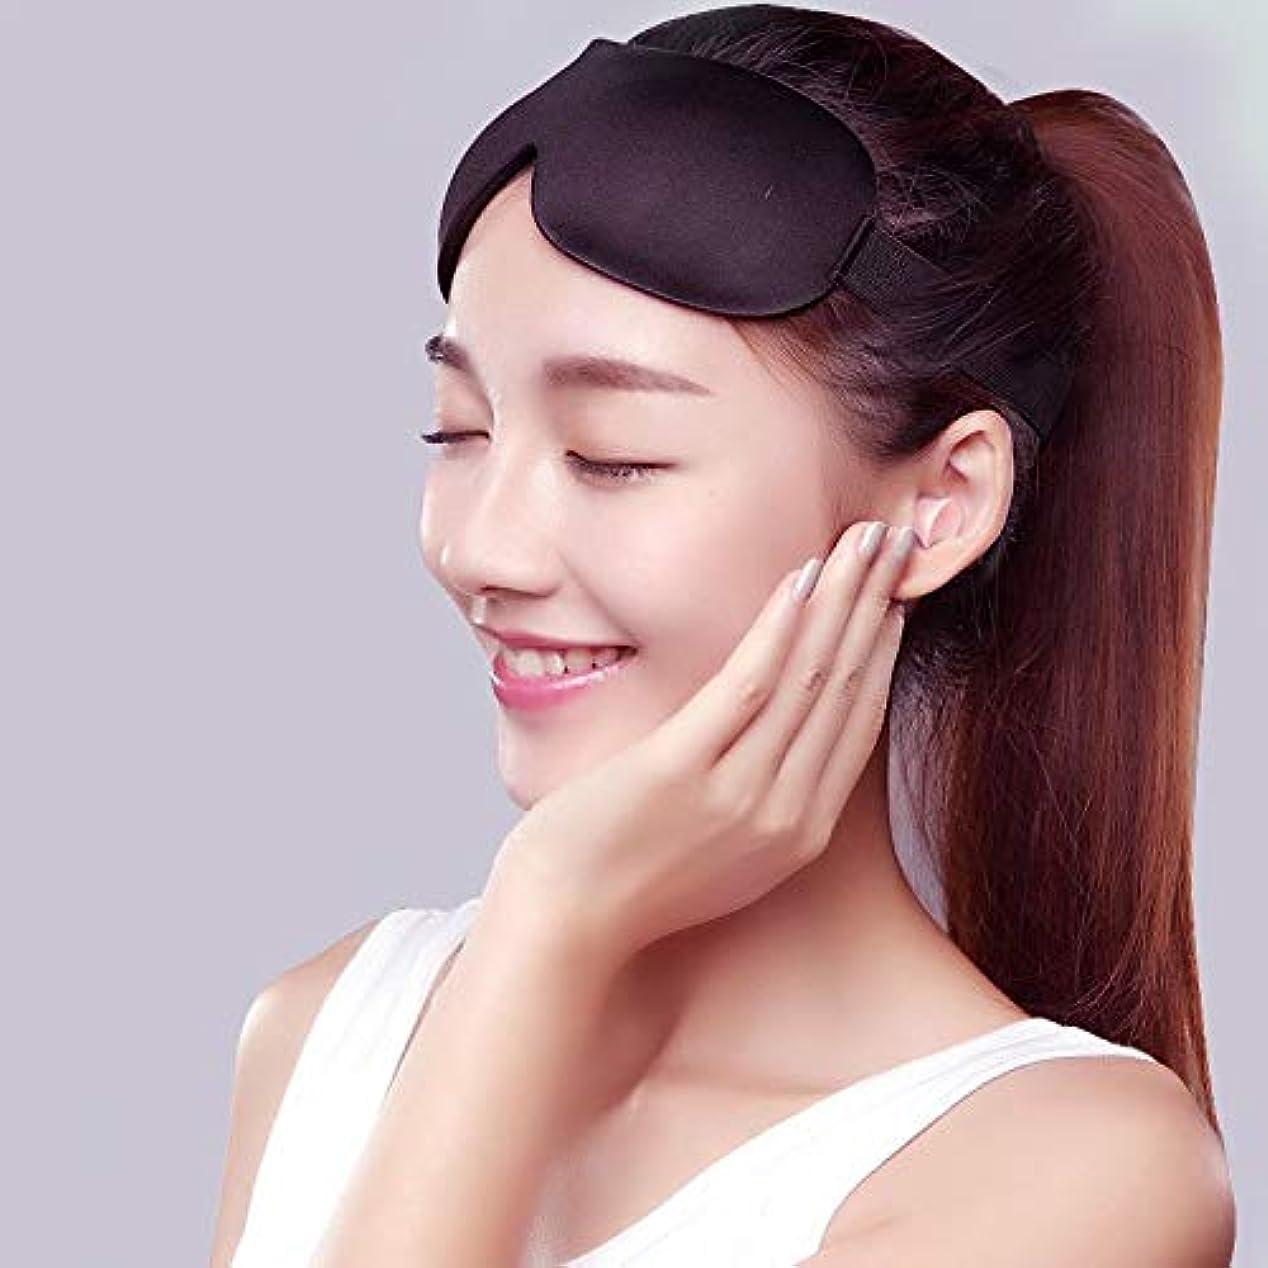 まばたき振動させるまたねメモアイシェード睡眠防音性耳栓ミュートアンチいびき睡眠アイマスク